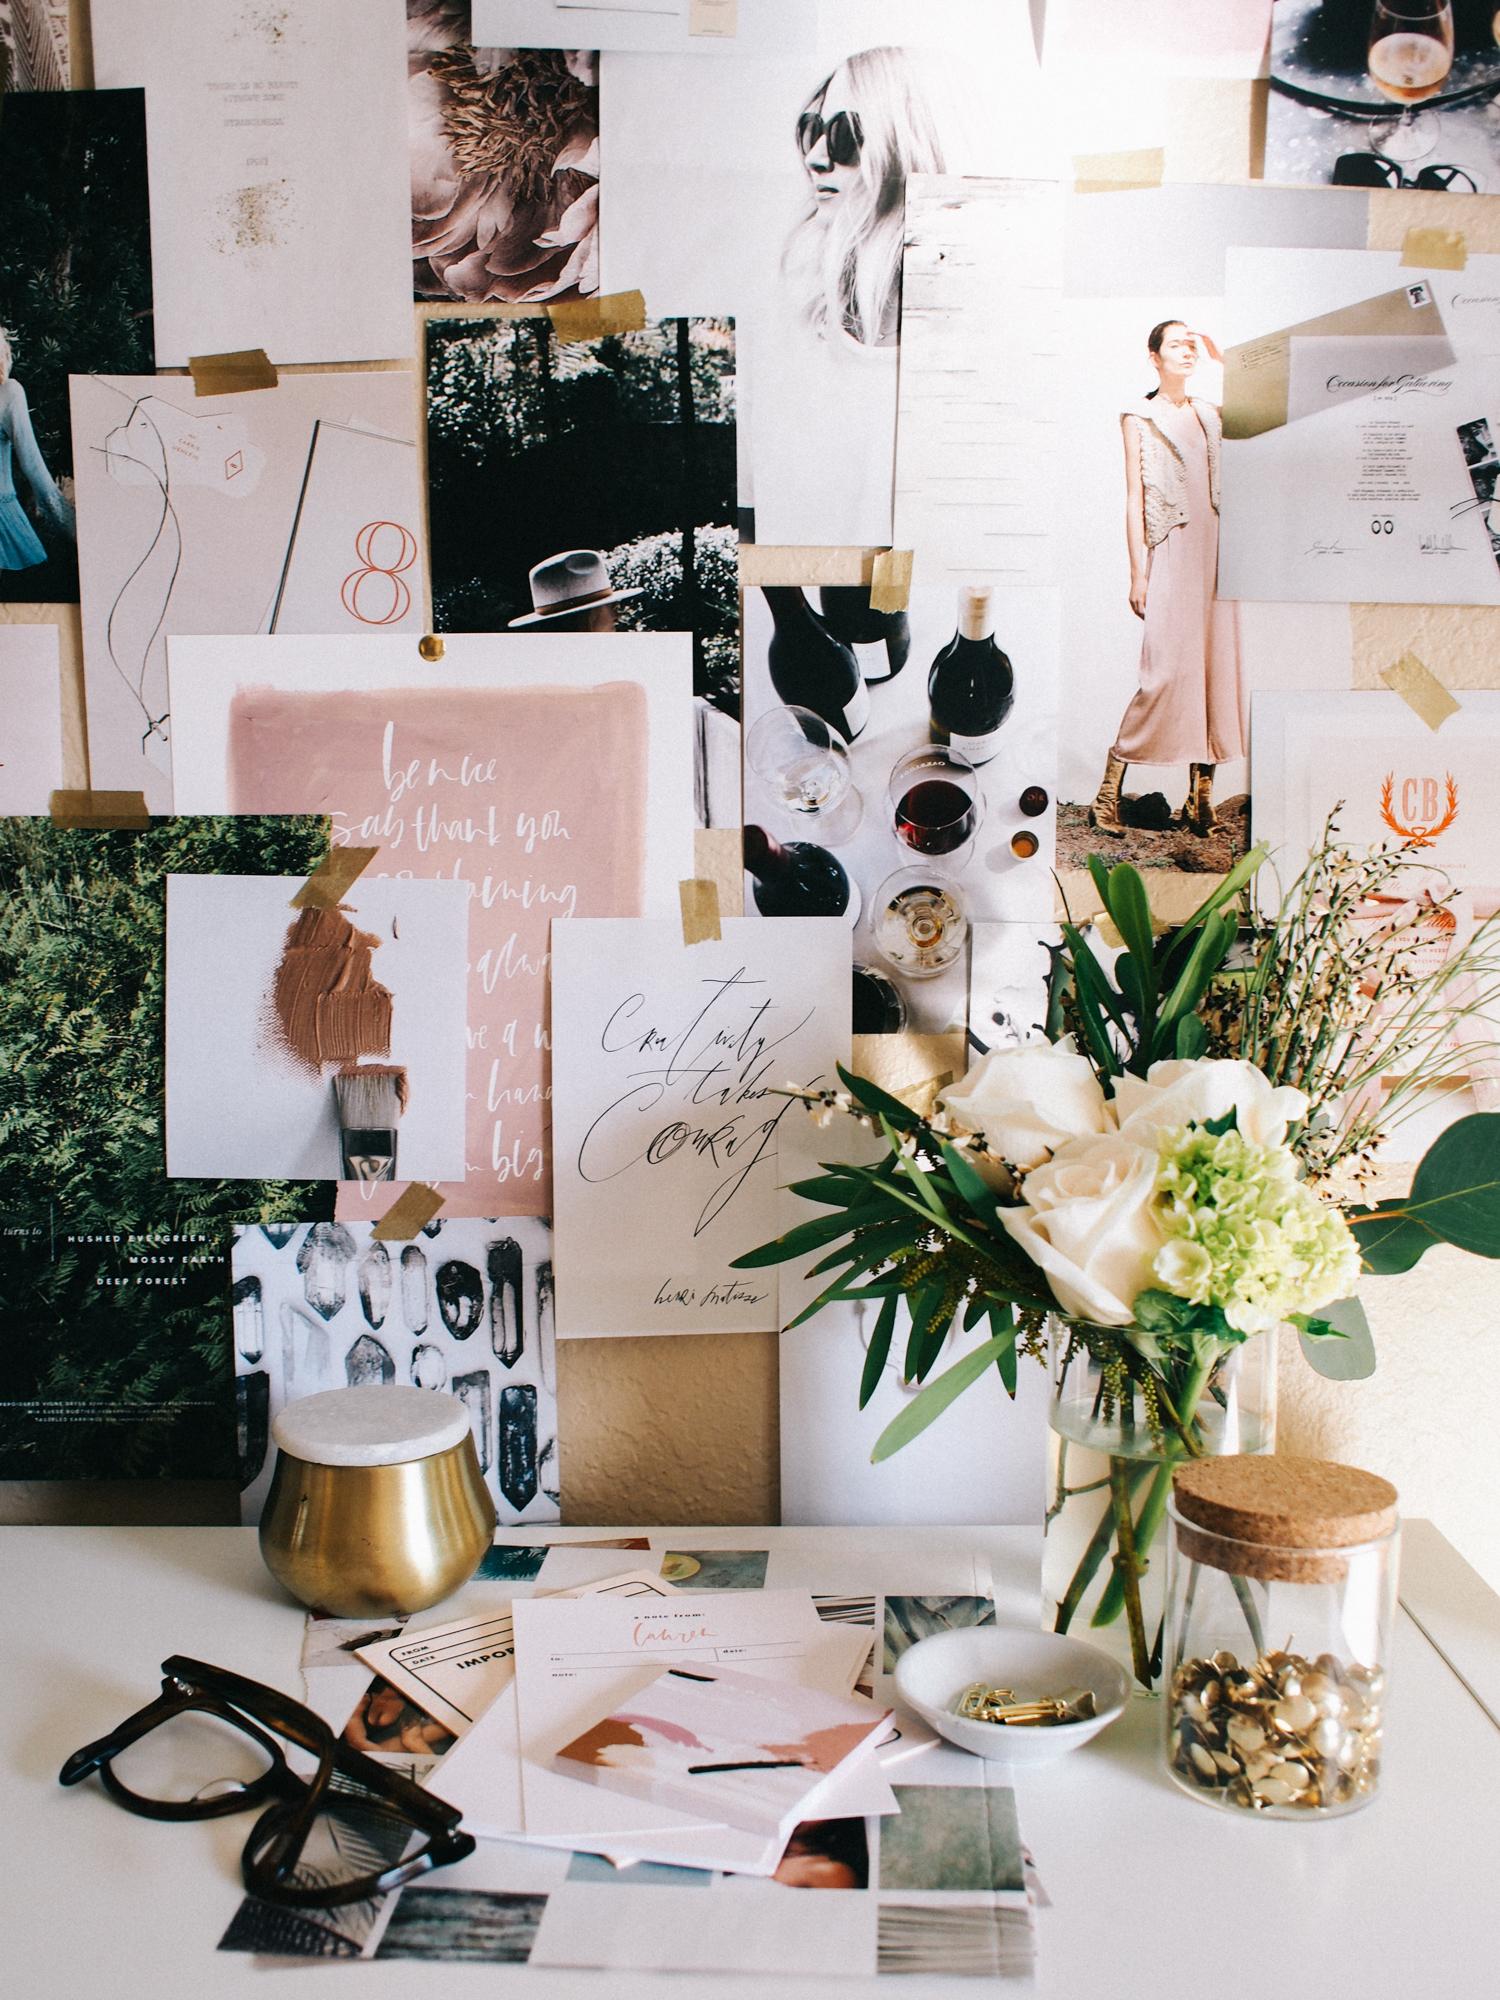 Home+office+vignette+_+A+Fabulous+Fete